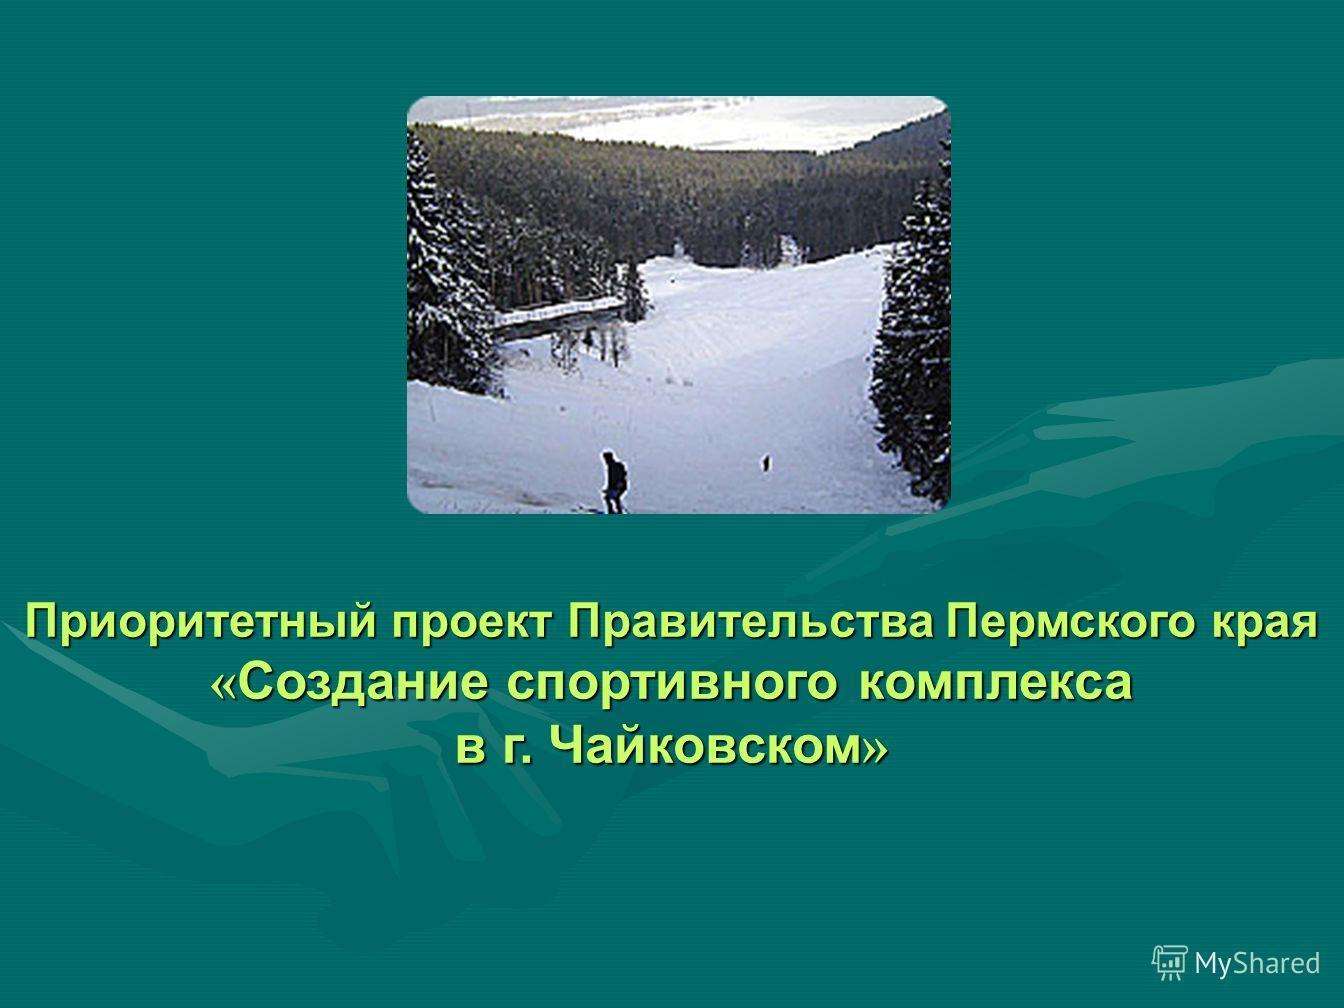 Приоритетный проект Правительства Пермского края « Создание спортивного комплекса в г. Чайковском »